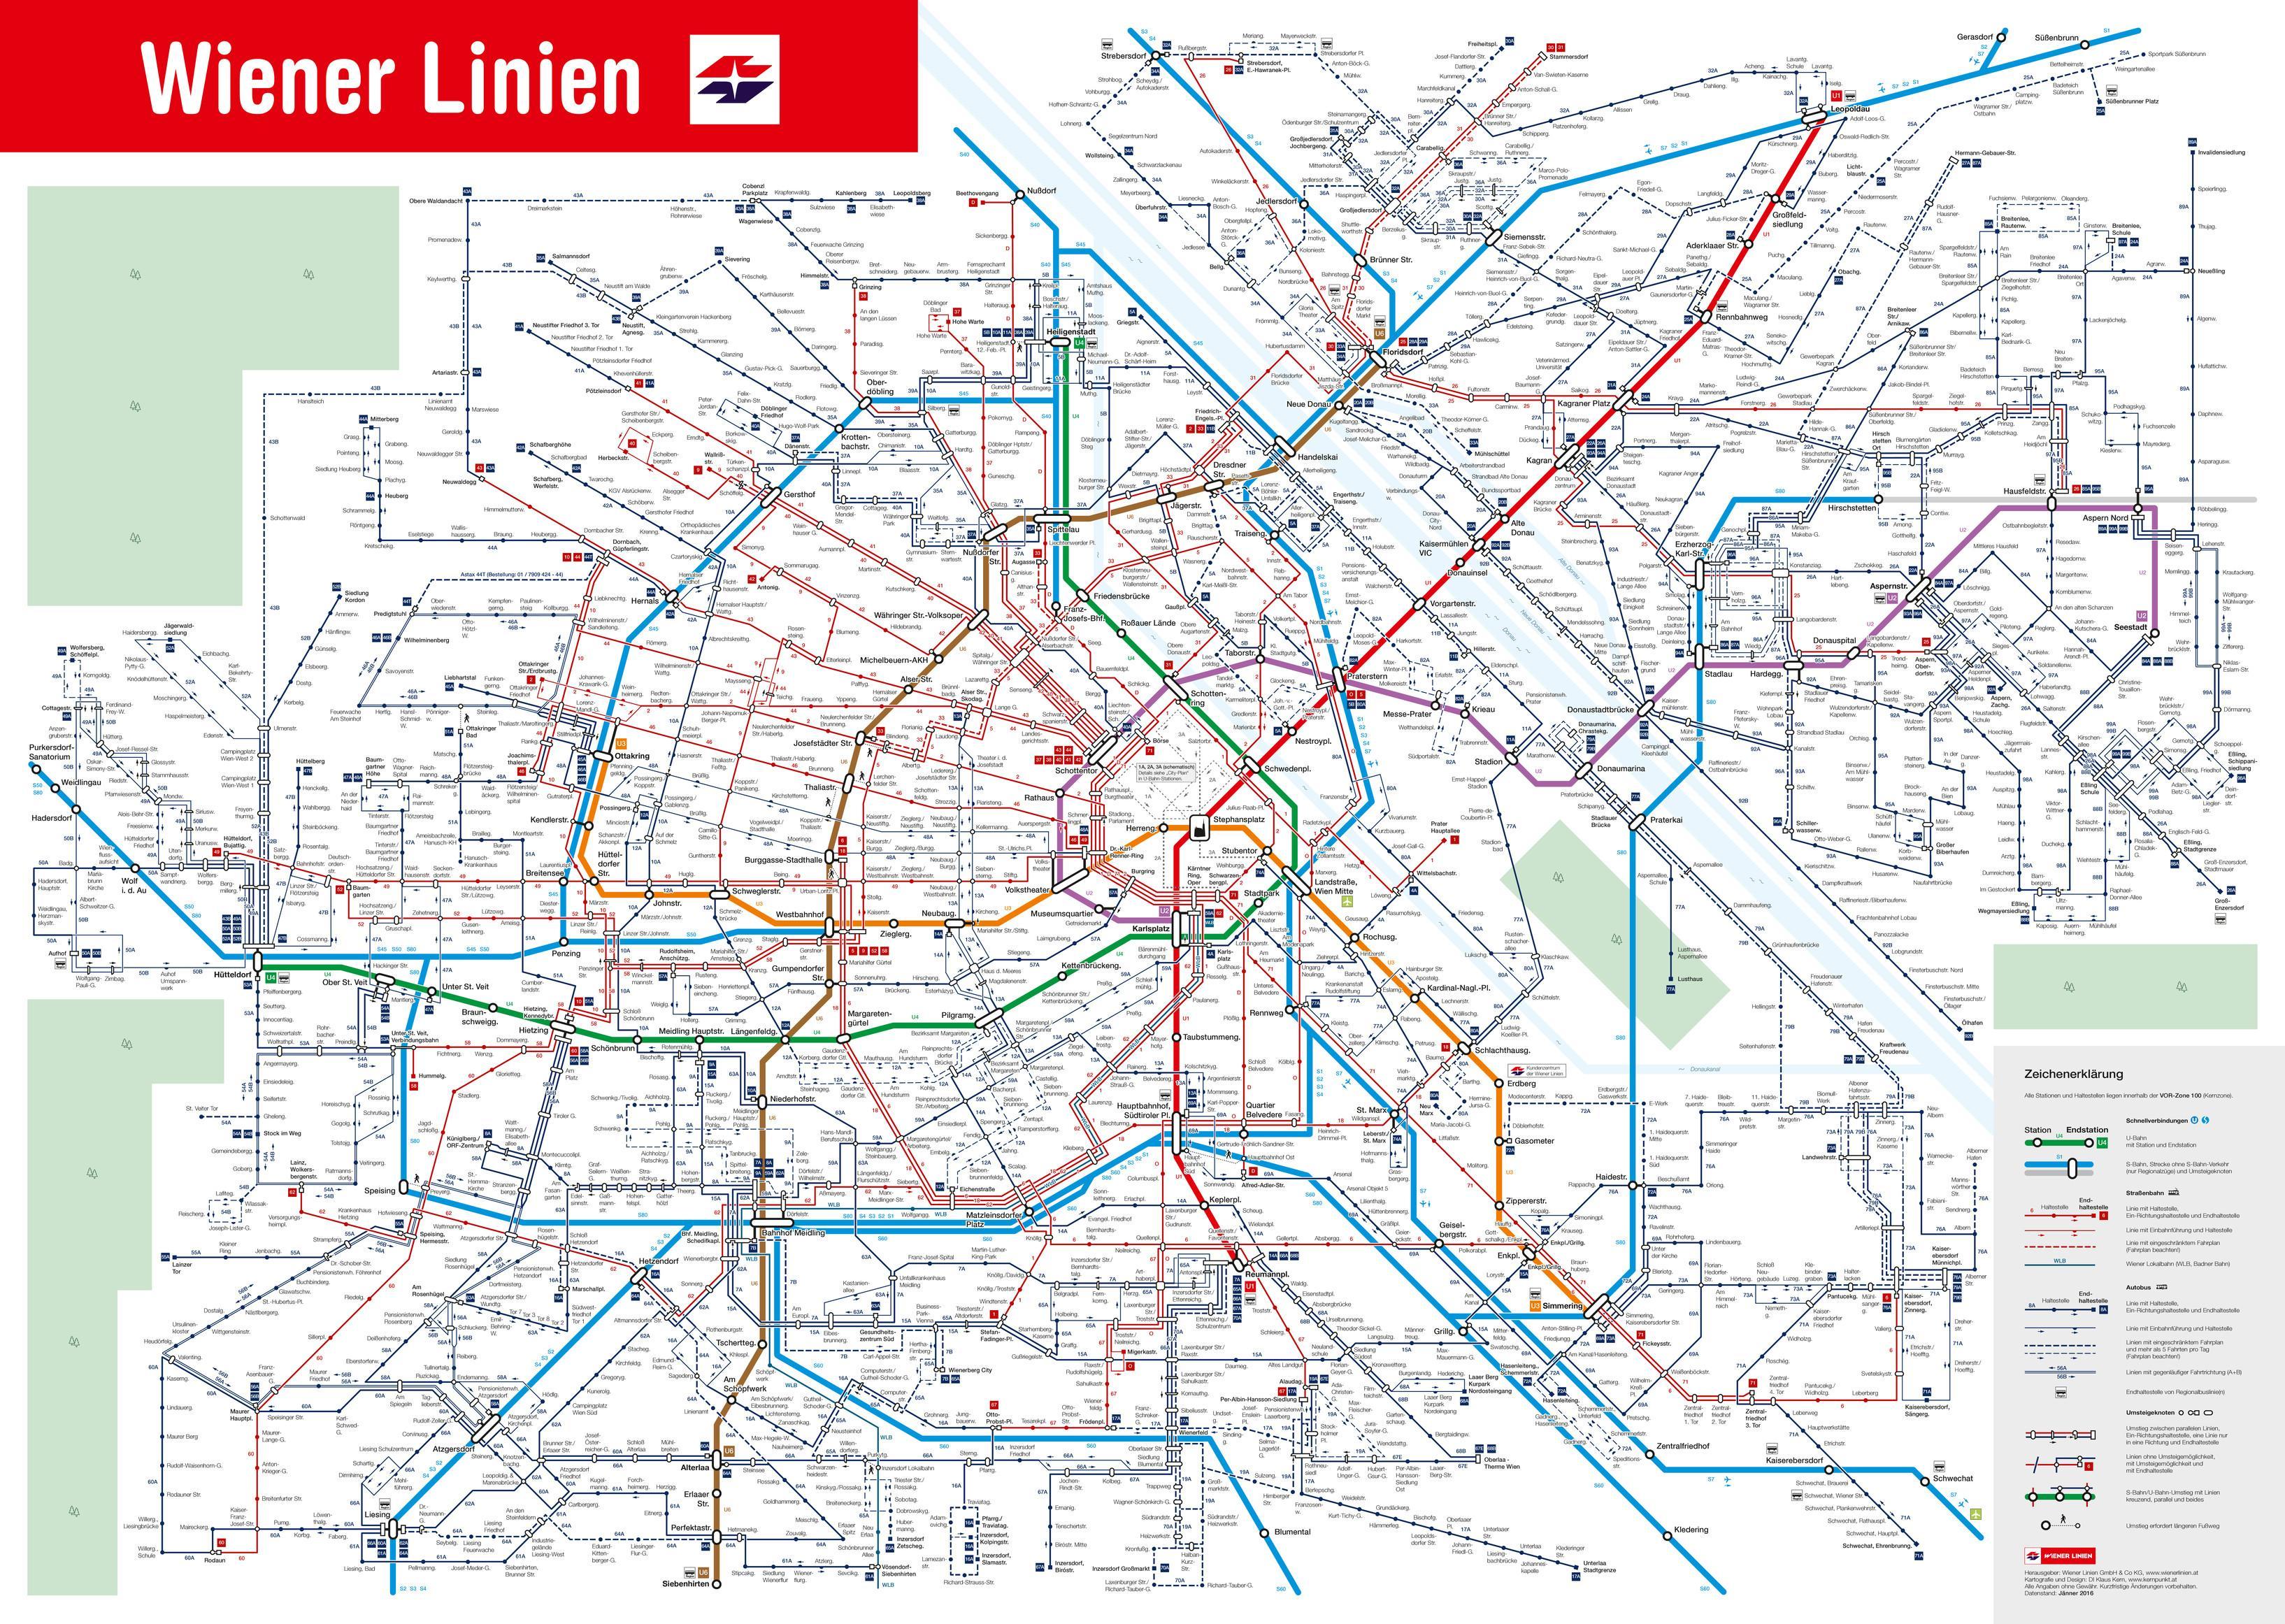 Wienin Julkinen Liikenne Kartta Kartta Wienin Julkisen